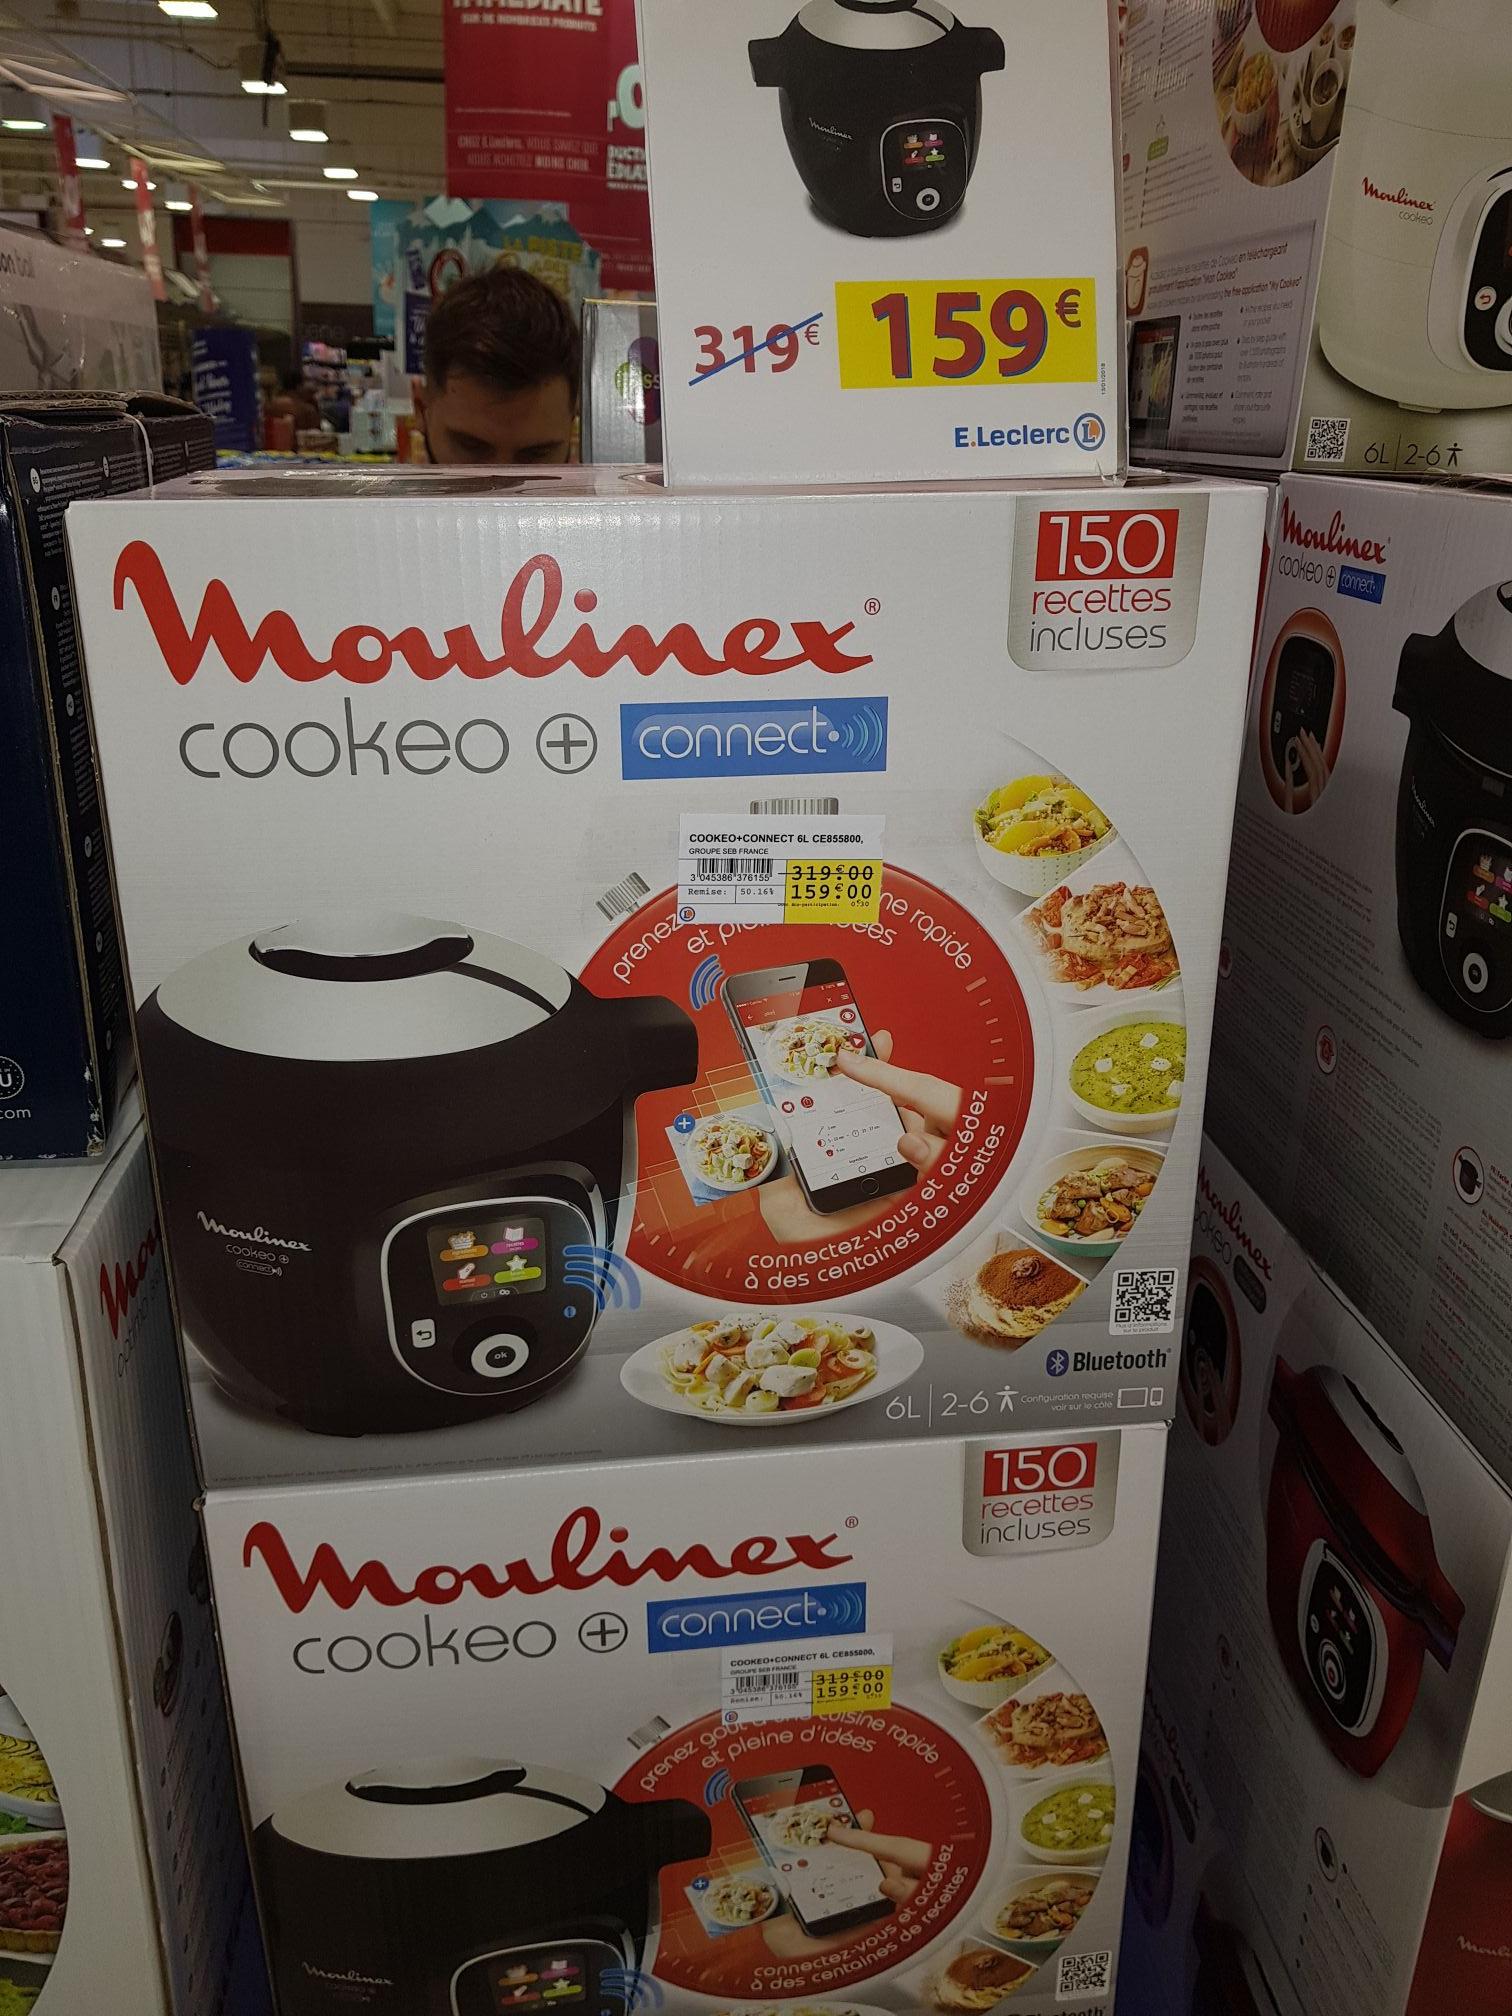 Multi-cuiseur connecté Moulinex Cookeo + Connect CE7855800 - Gonesse (95)